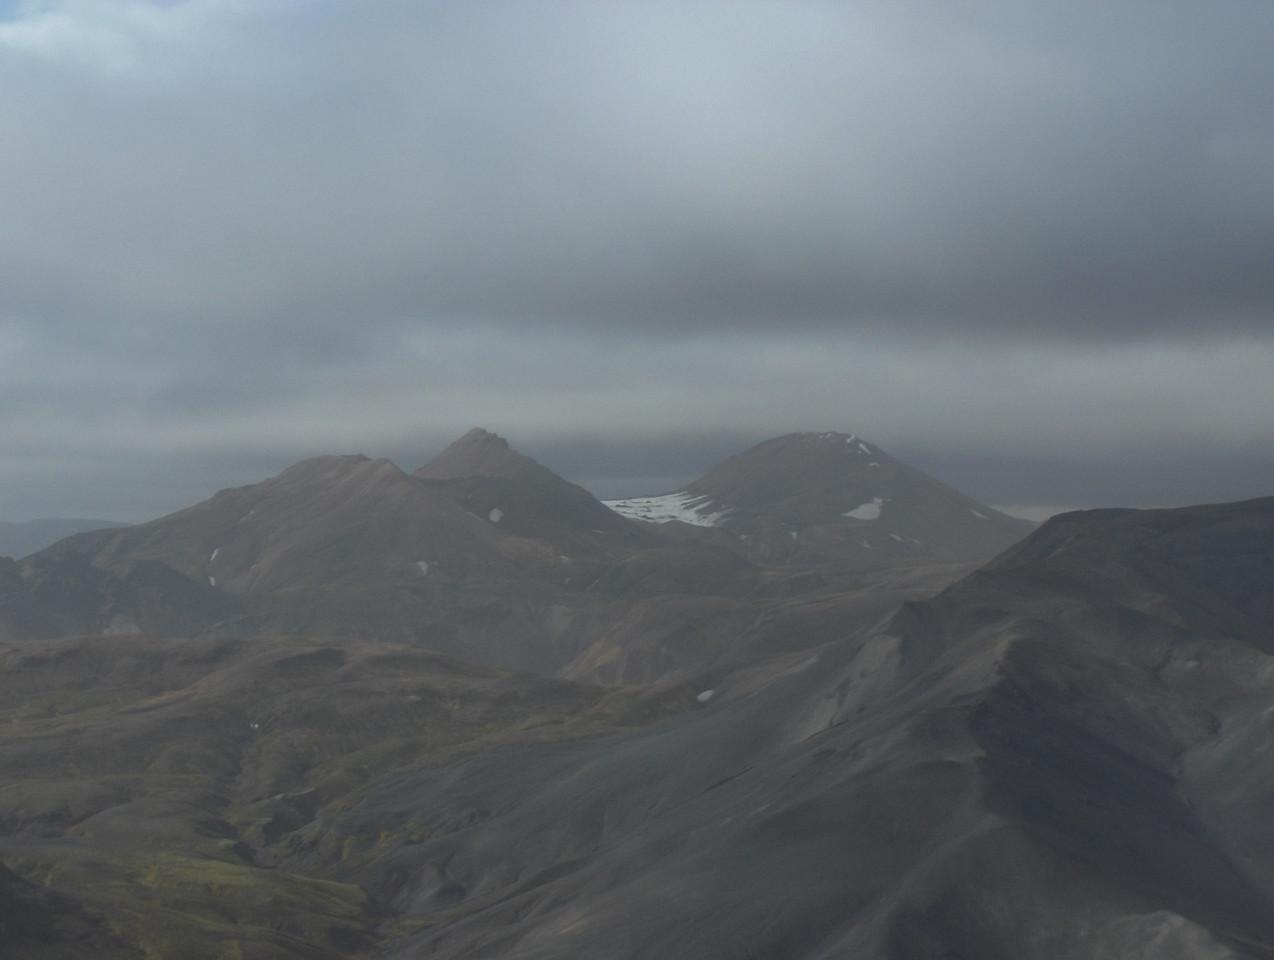 Horft í norðvestur af Meyjarstrút, Skerínef og Háskerðingur